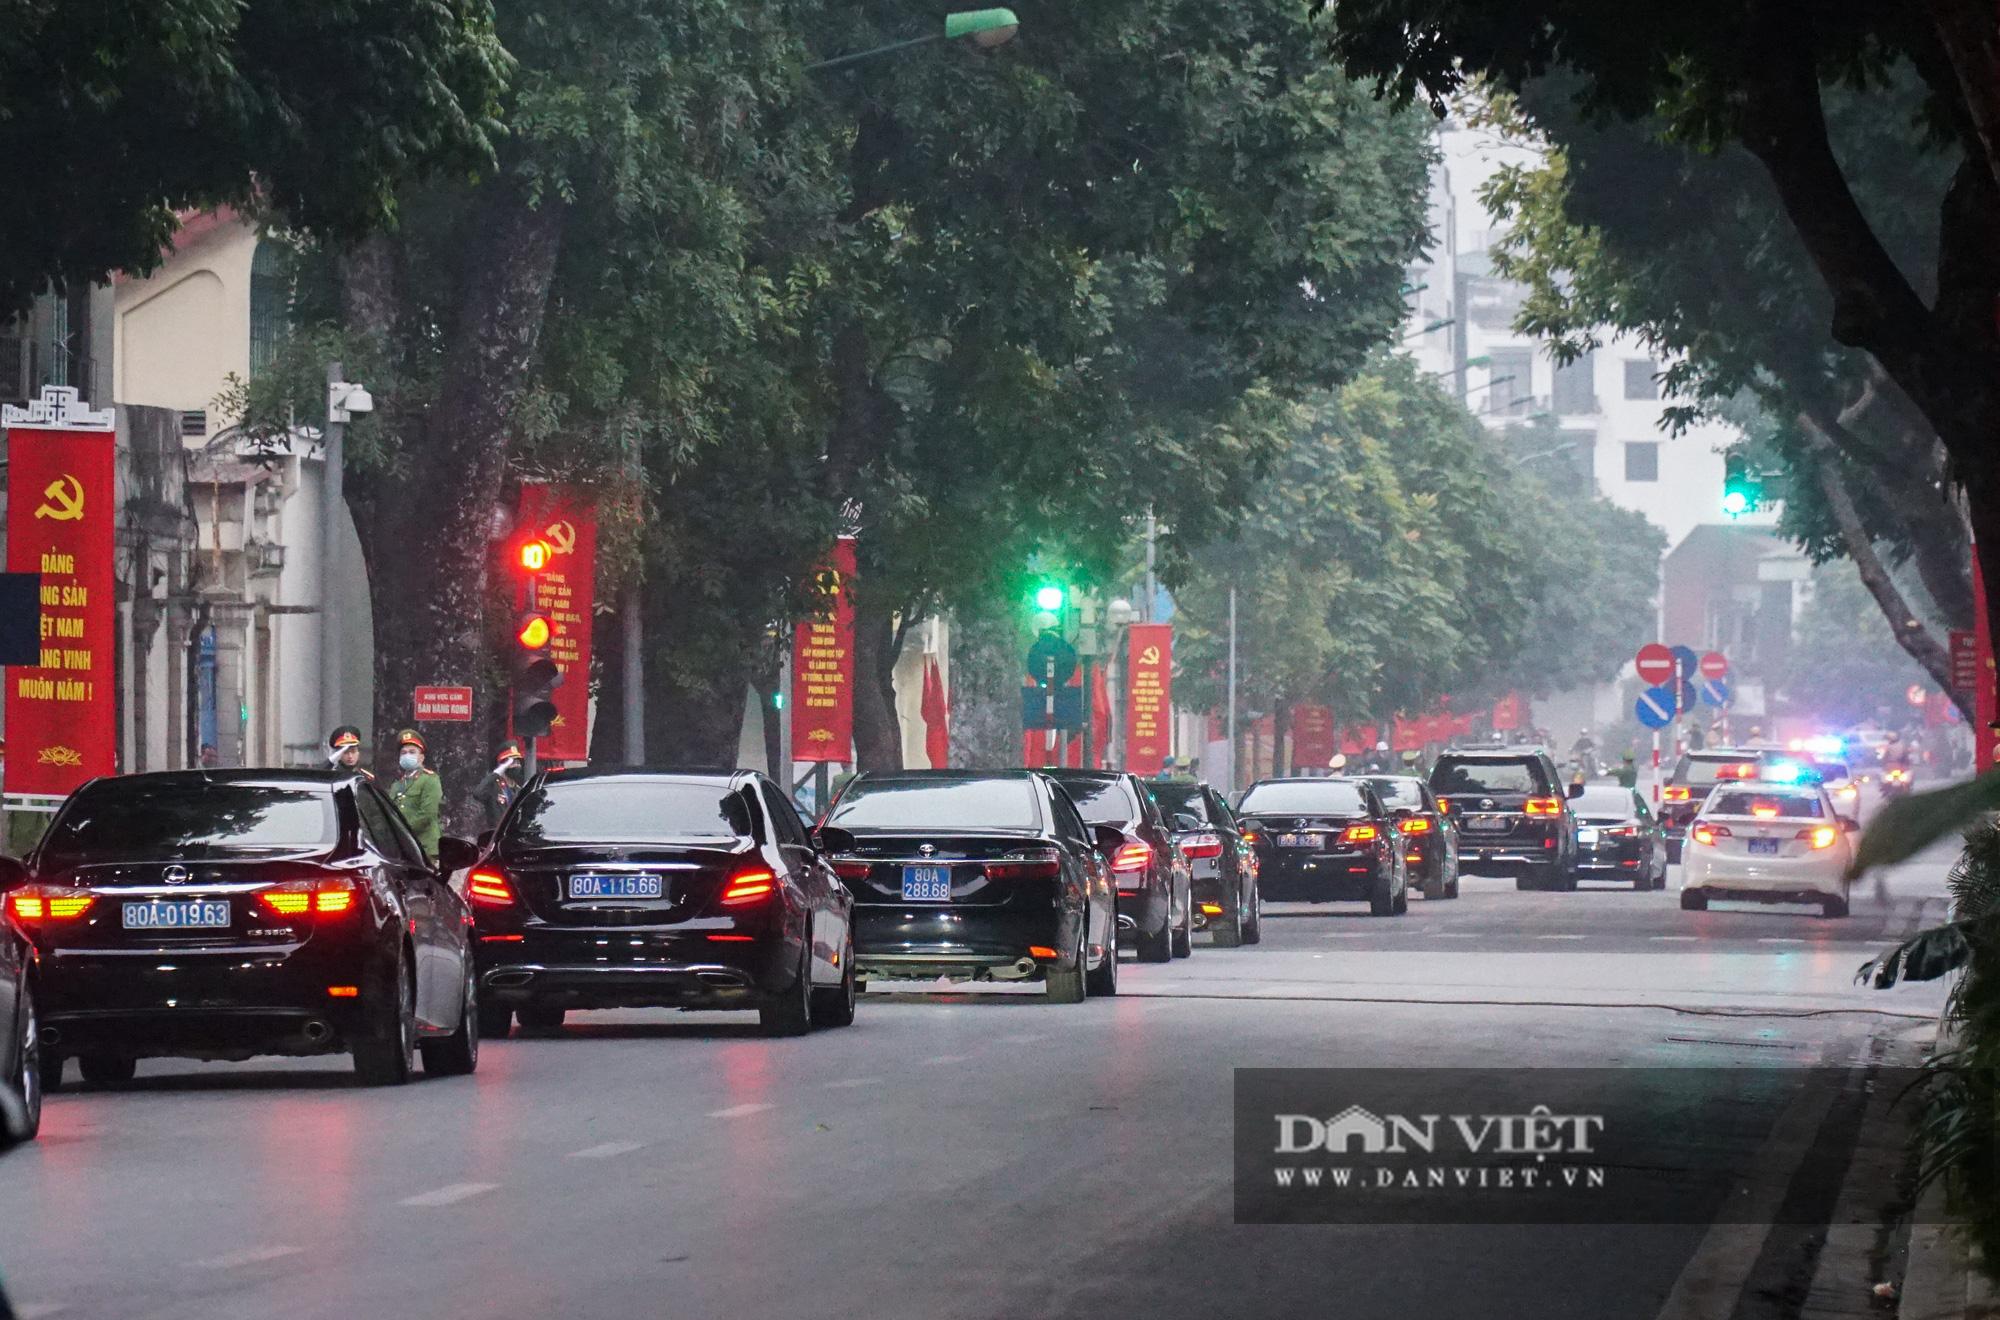 Hình ảnh đoàn xe đại biểu từ Lăng Bác về Trung tâm Hội nghị Quốc gia - Ảnh 11.